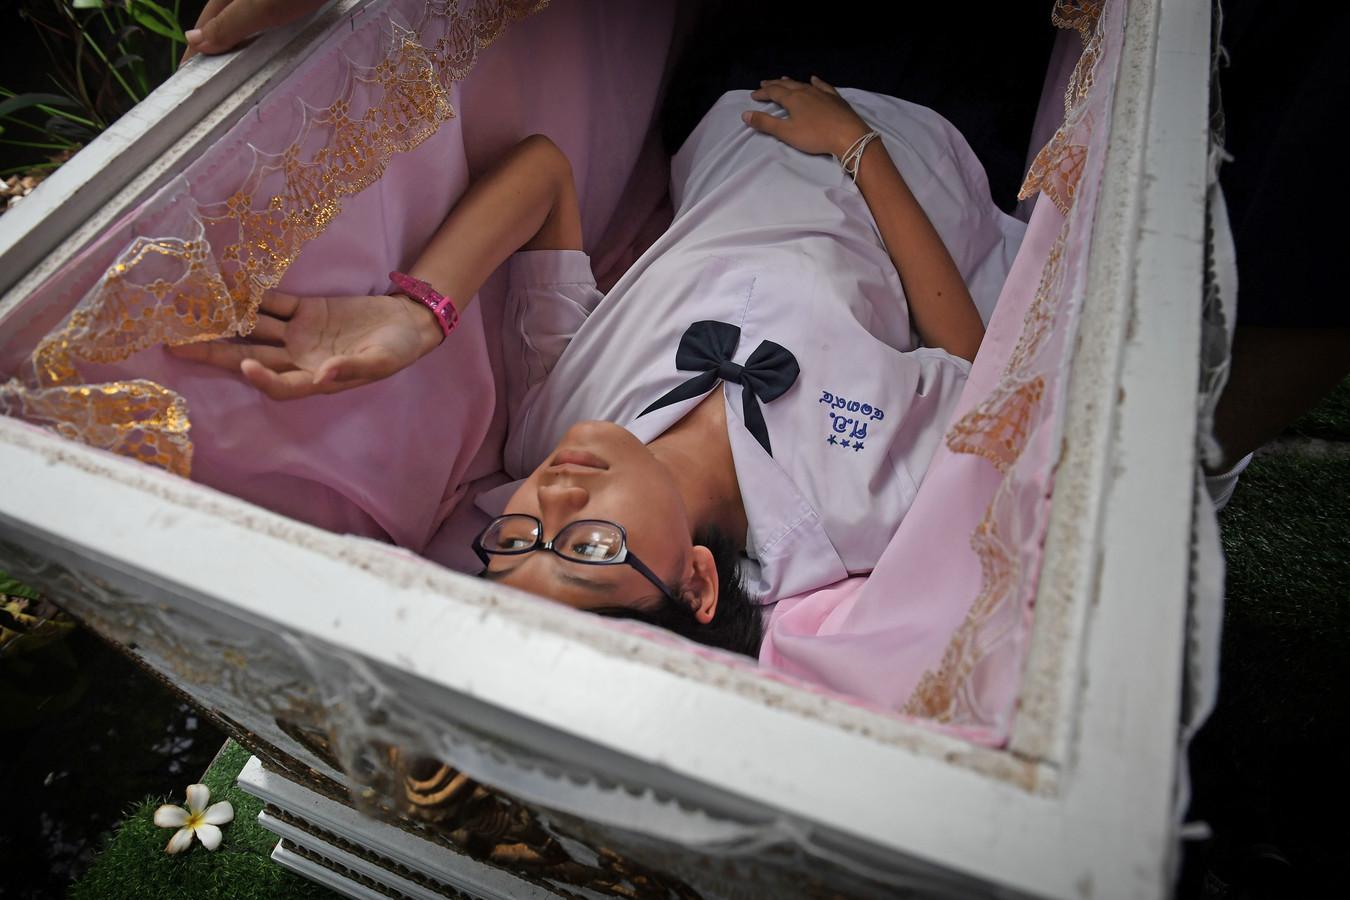 Een Thais meisje probeert hoe een traditionele lijkkist ligt, in het Kid Mai Death Awareness Café, een ontmoetingsruimte in Bangkok, waar het publiek wordt geïnformeerd over het boeddhisme en de dood. Foto Lillian Suwanrumpha